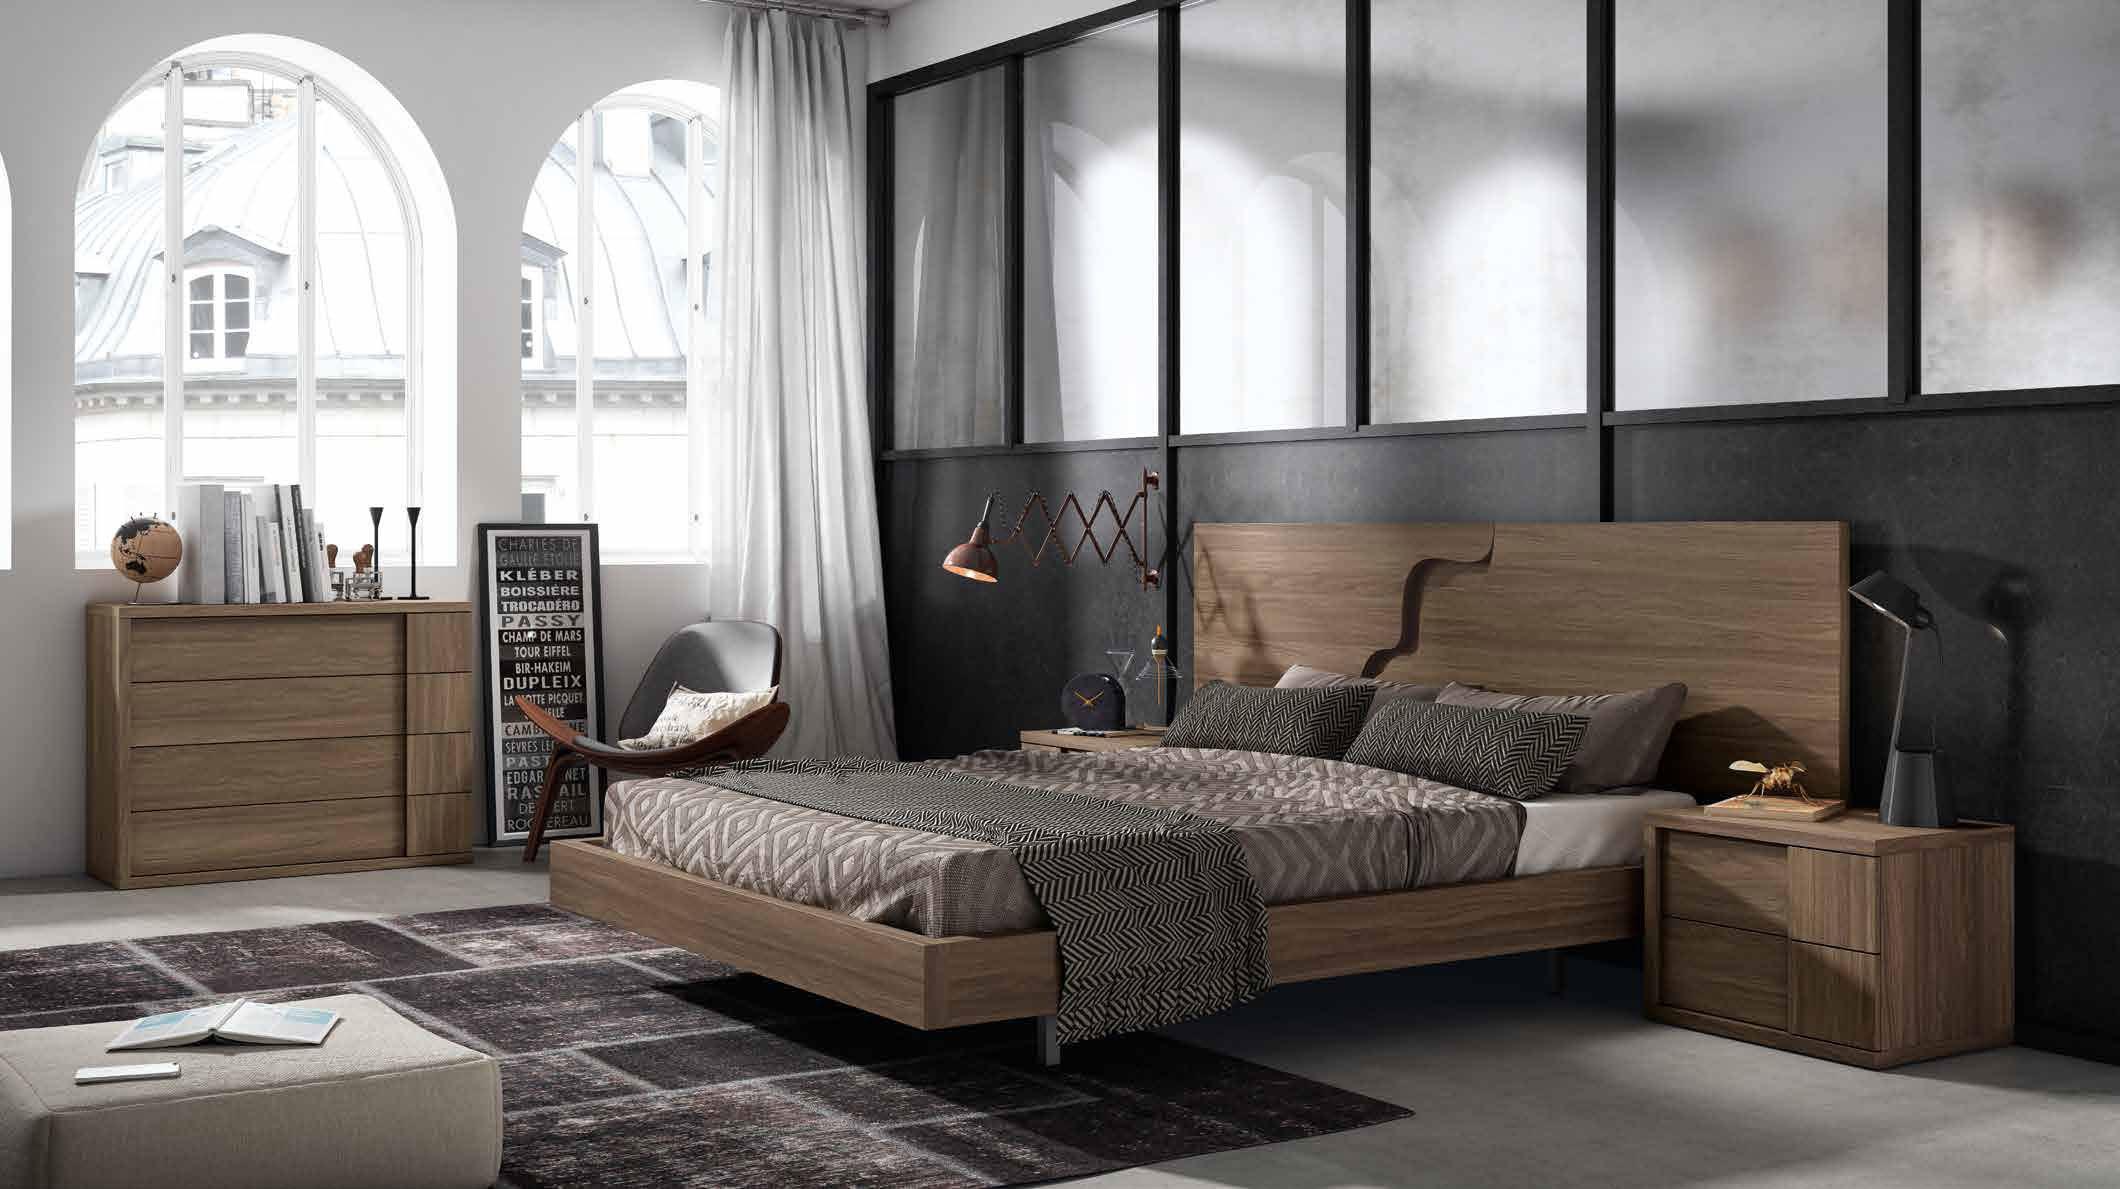 creta-dormitorio-quios-23